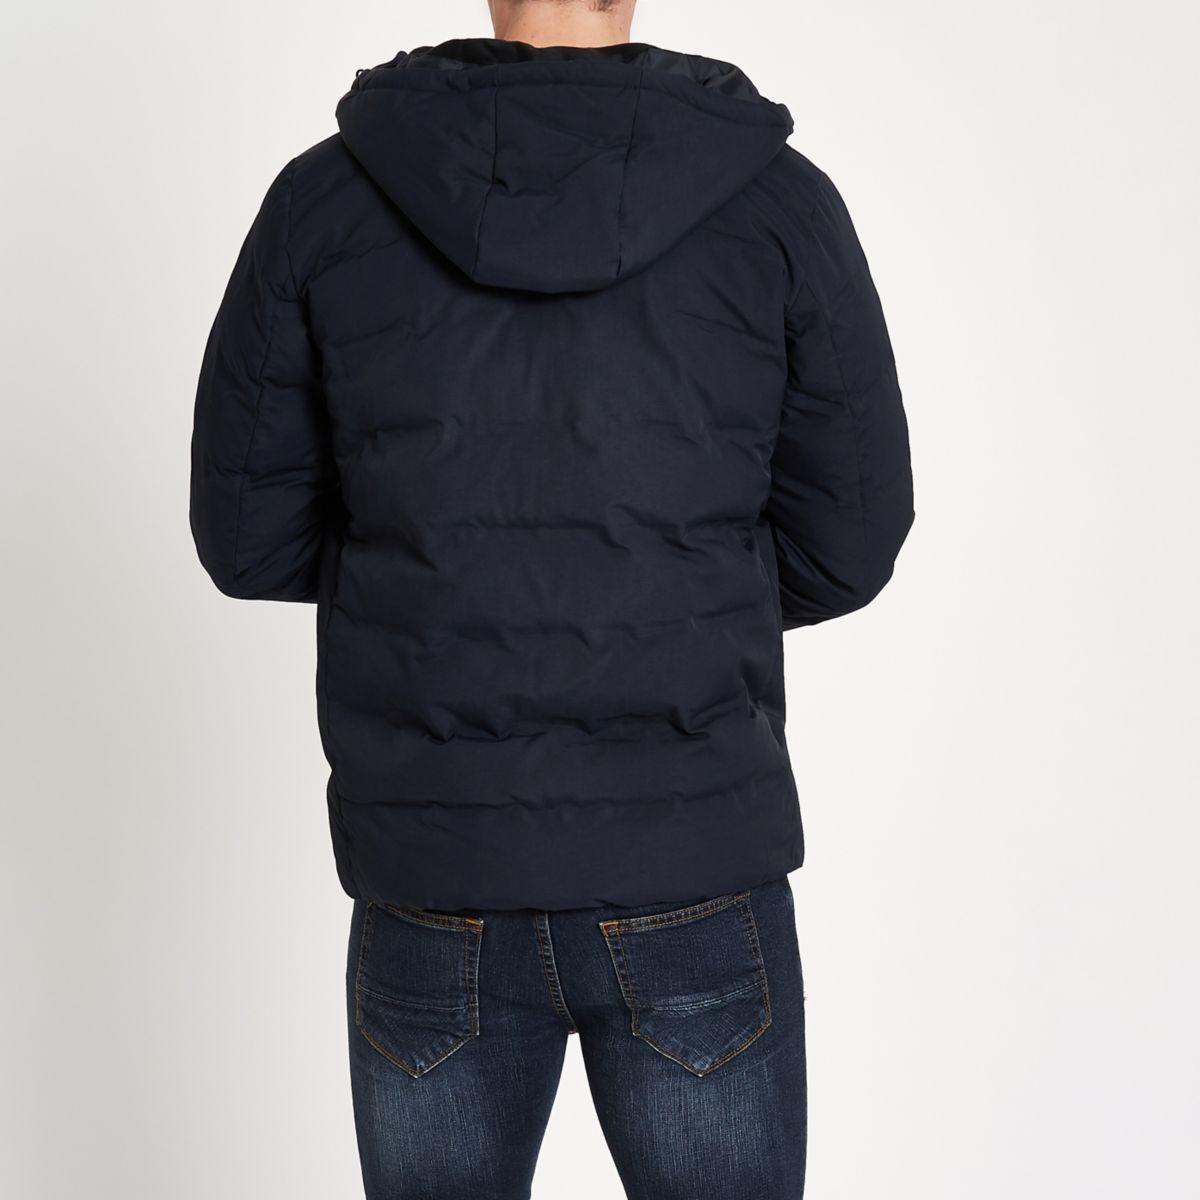 amp; quilted coat Tech navy Jones Jack 7xq0w4dg7